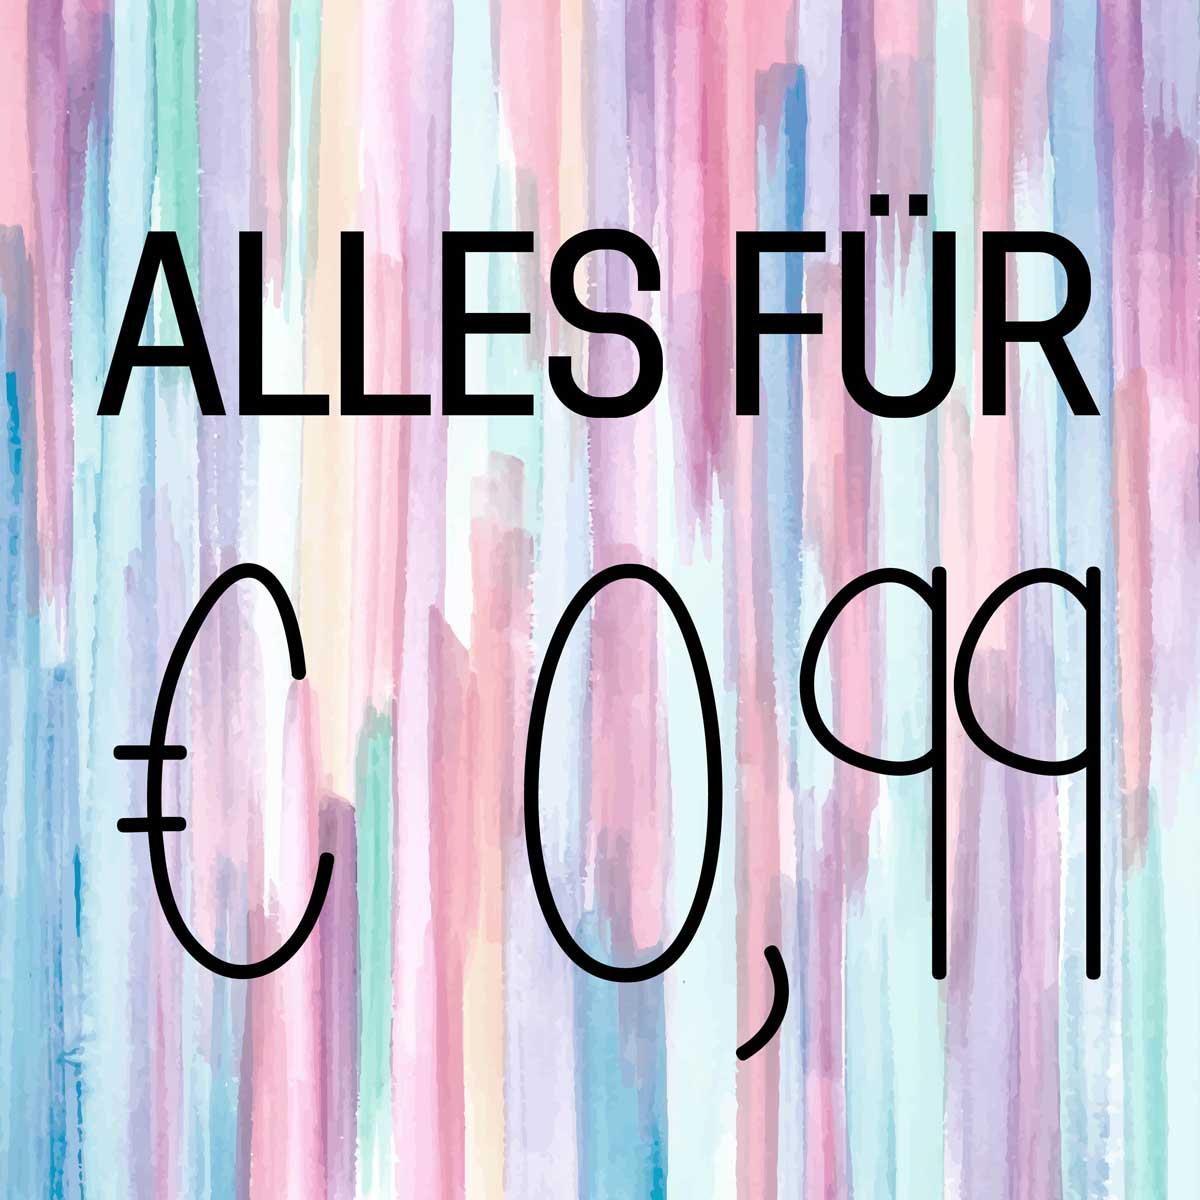 Alles für € 0,99.